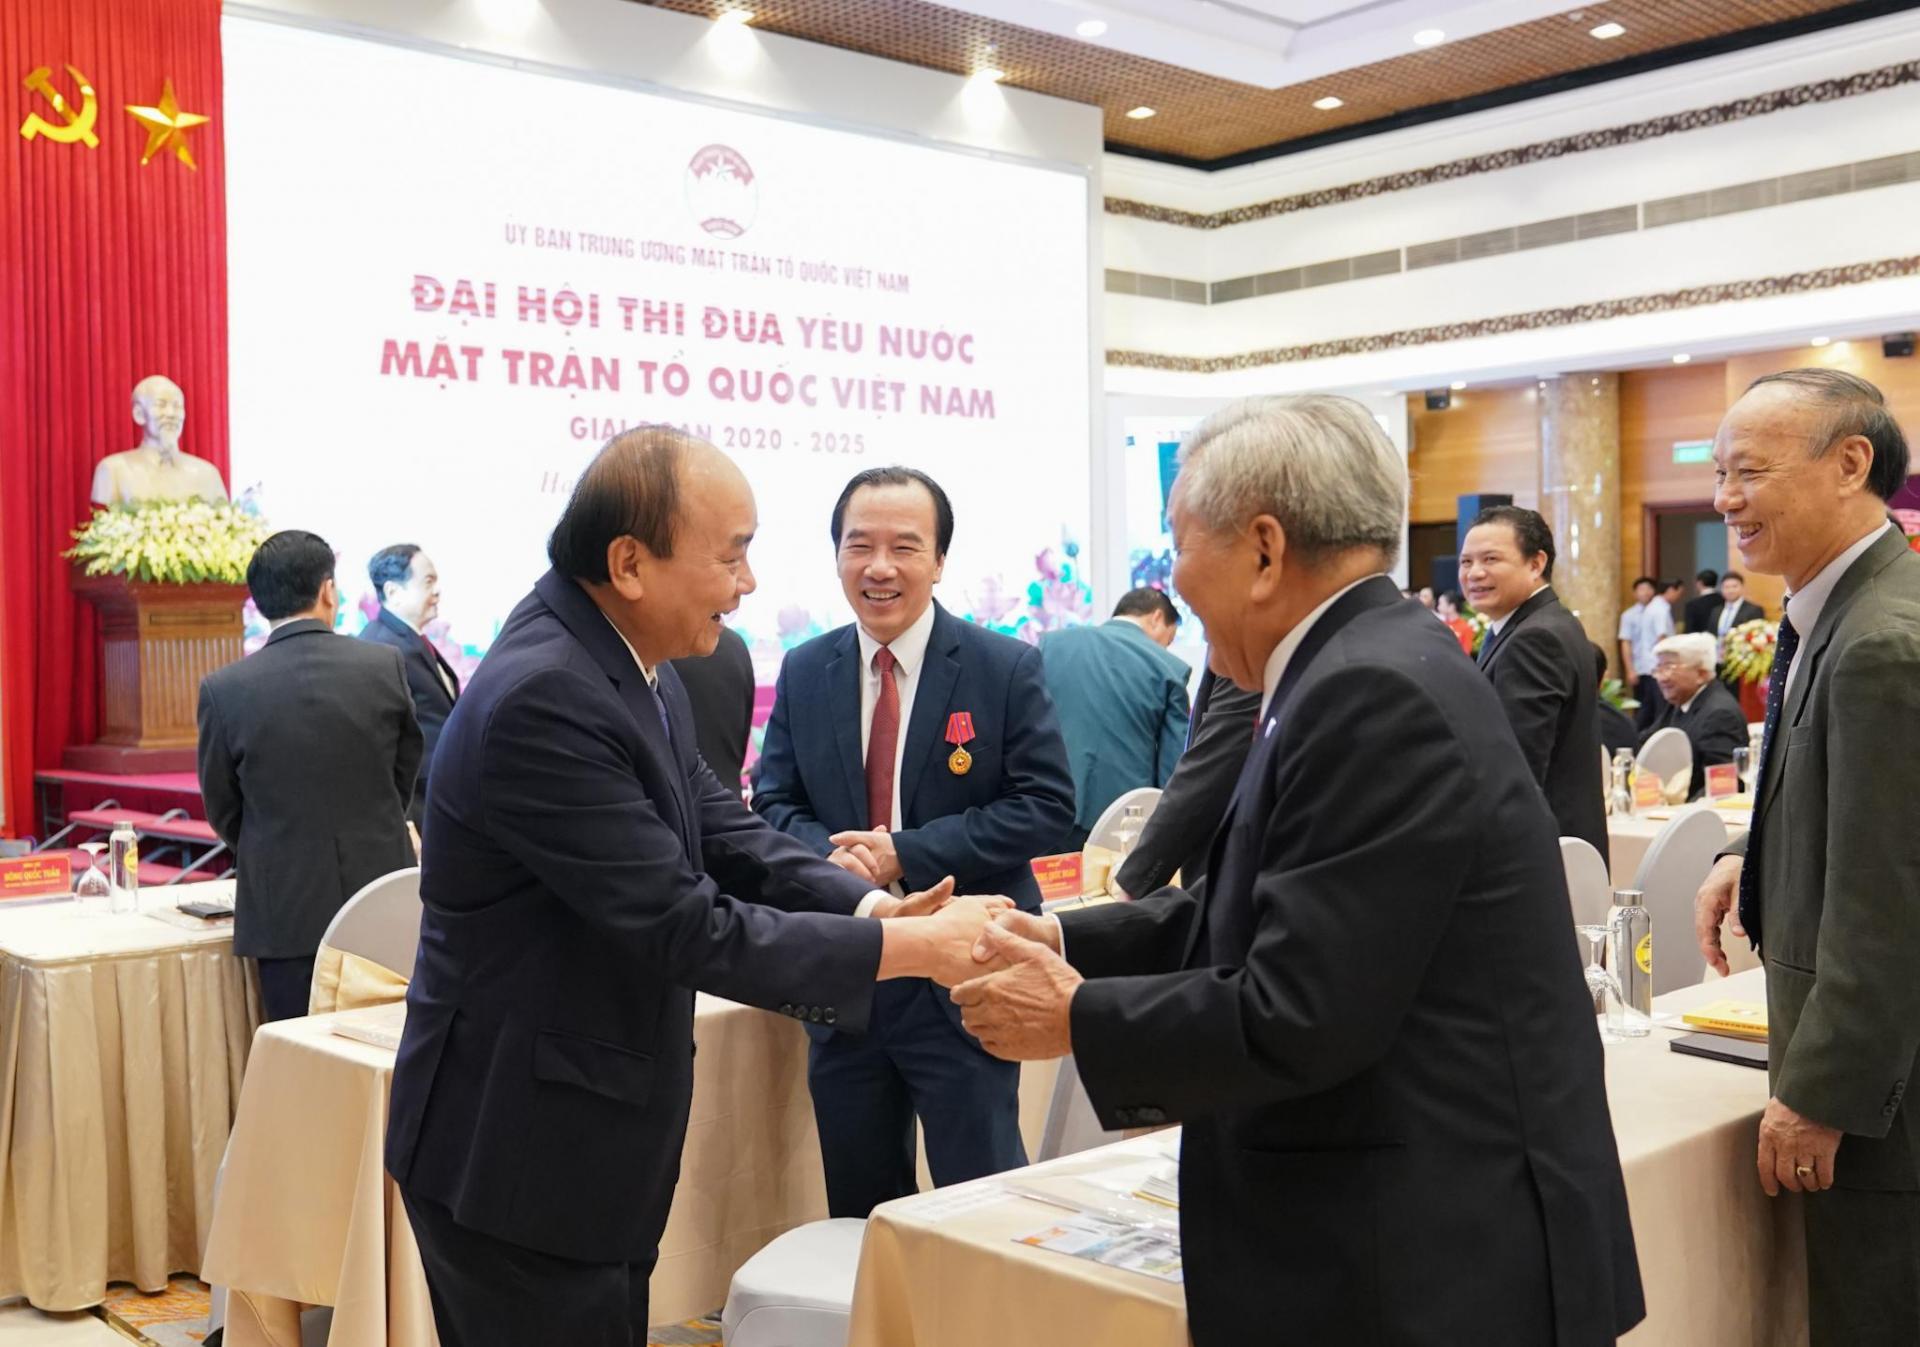 Thủ tướng Nguyễn Xuân Phúc cùng các đại biểu dự Đại hội.